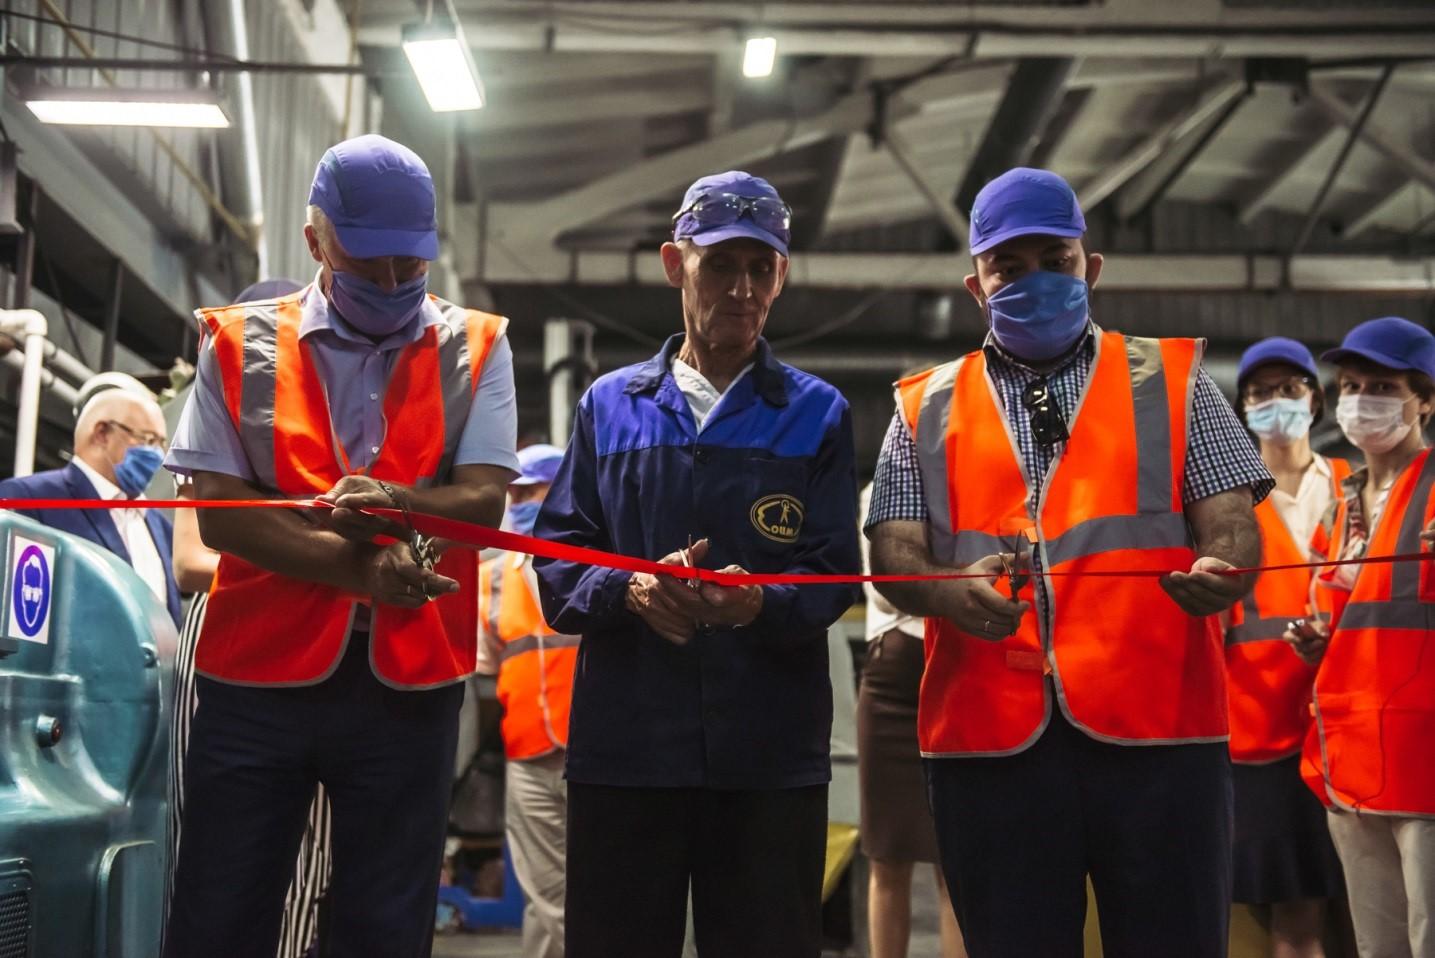 АО «ЕЗ ОЦМ» активно движется вперед, инвестирует в новые продукты и высокое качество, нацелен на клиентуру по всей Российской Федерации и Европе. Завод готов сотрудничать по любому из направлений своей деятельности.